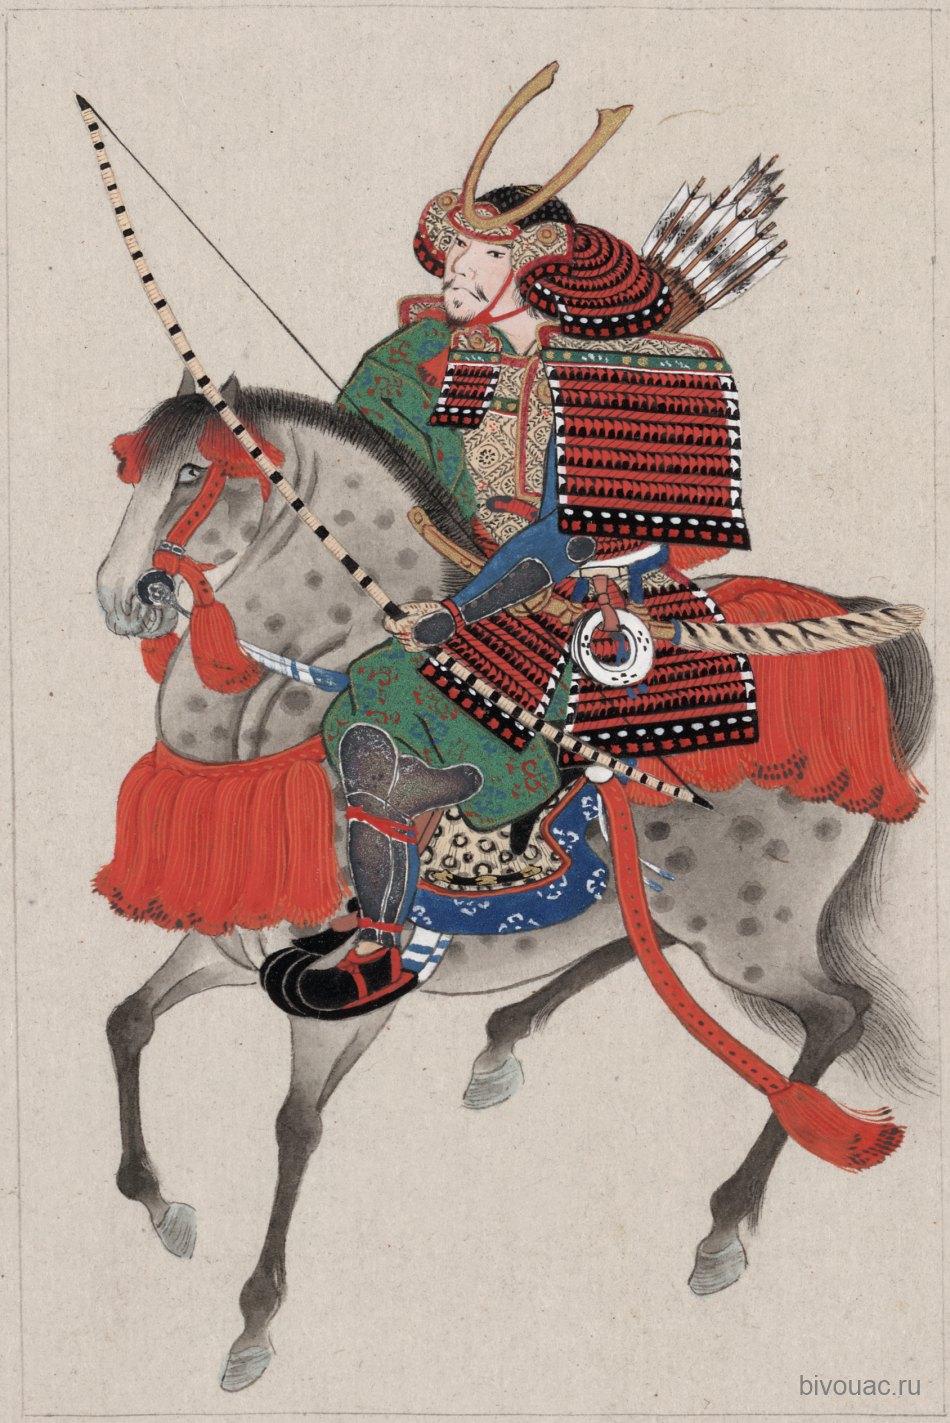 Бивак: Адыгэ Хабзэ и кодекс бусидо, черкесские уорки и японские самураи.